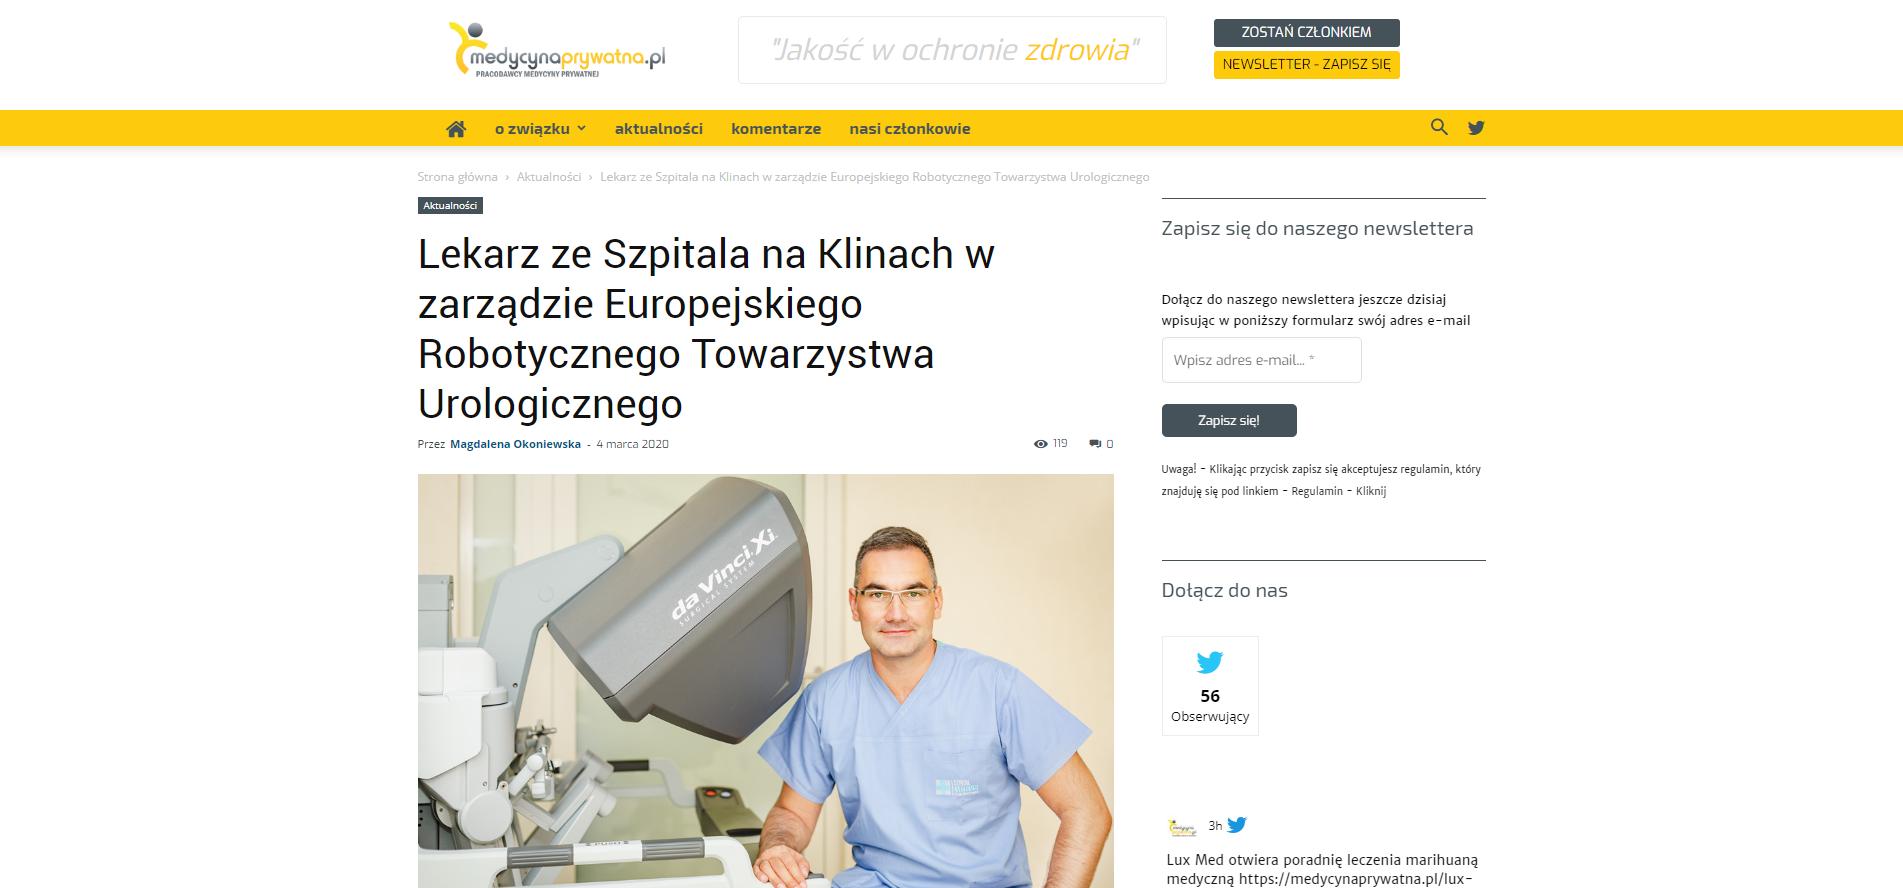 Lekarz ze Szpitala na Klinach w zarządzie Europejskiego Robotycznego Towarzystwa Urologiczneg